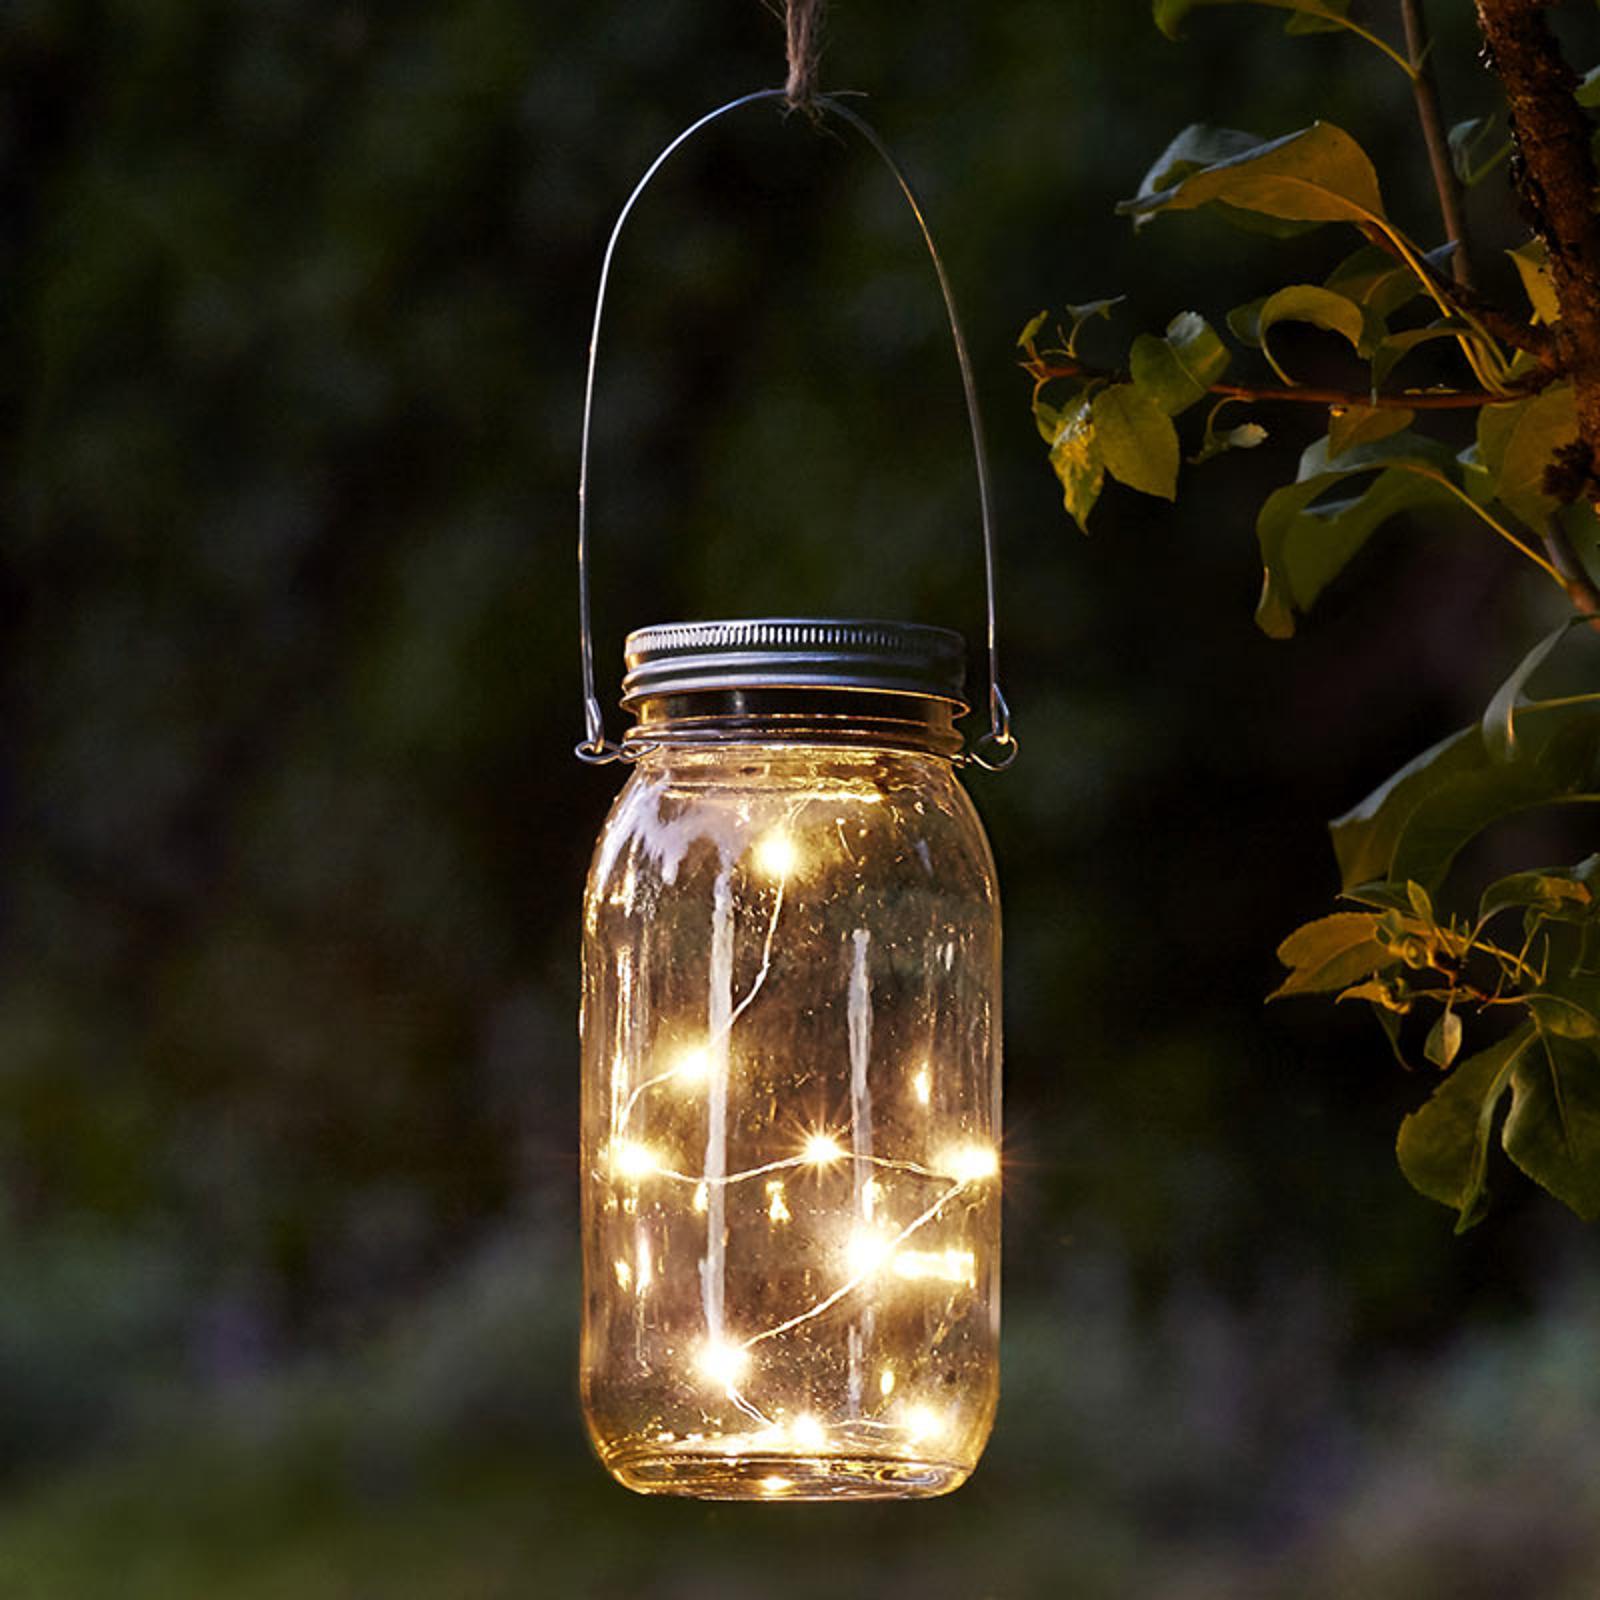 Jamjar - snygg utomhusdekorationslampa av glas